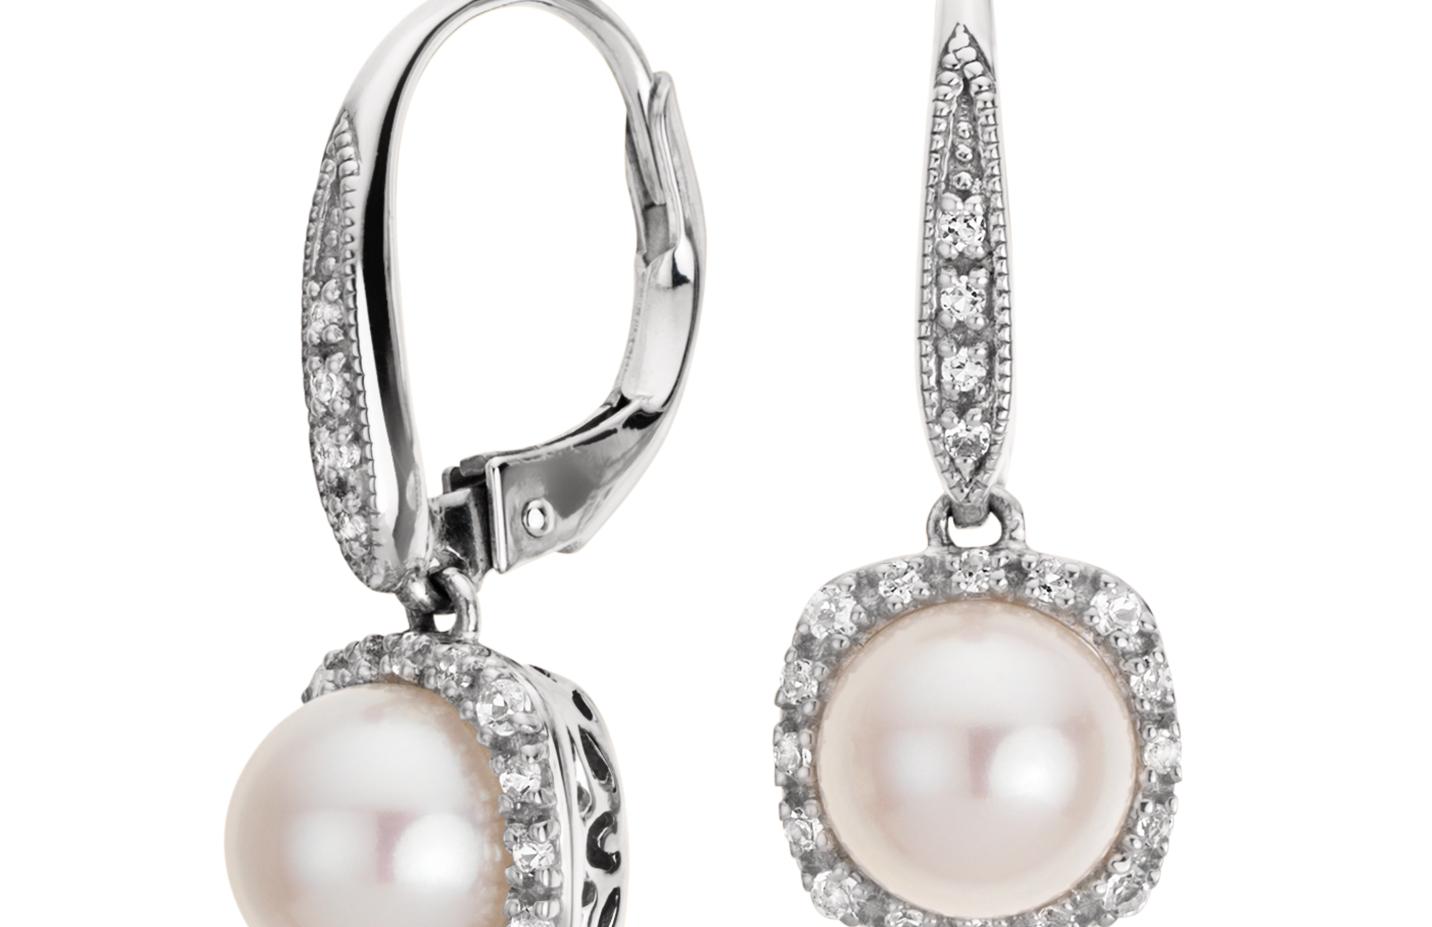 Pendants d'oreilles topaze blanche et perles de culture d'eau douce en argent sterling (7mm)